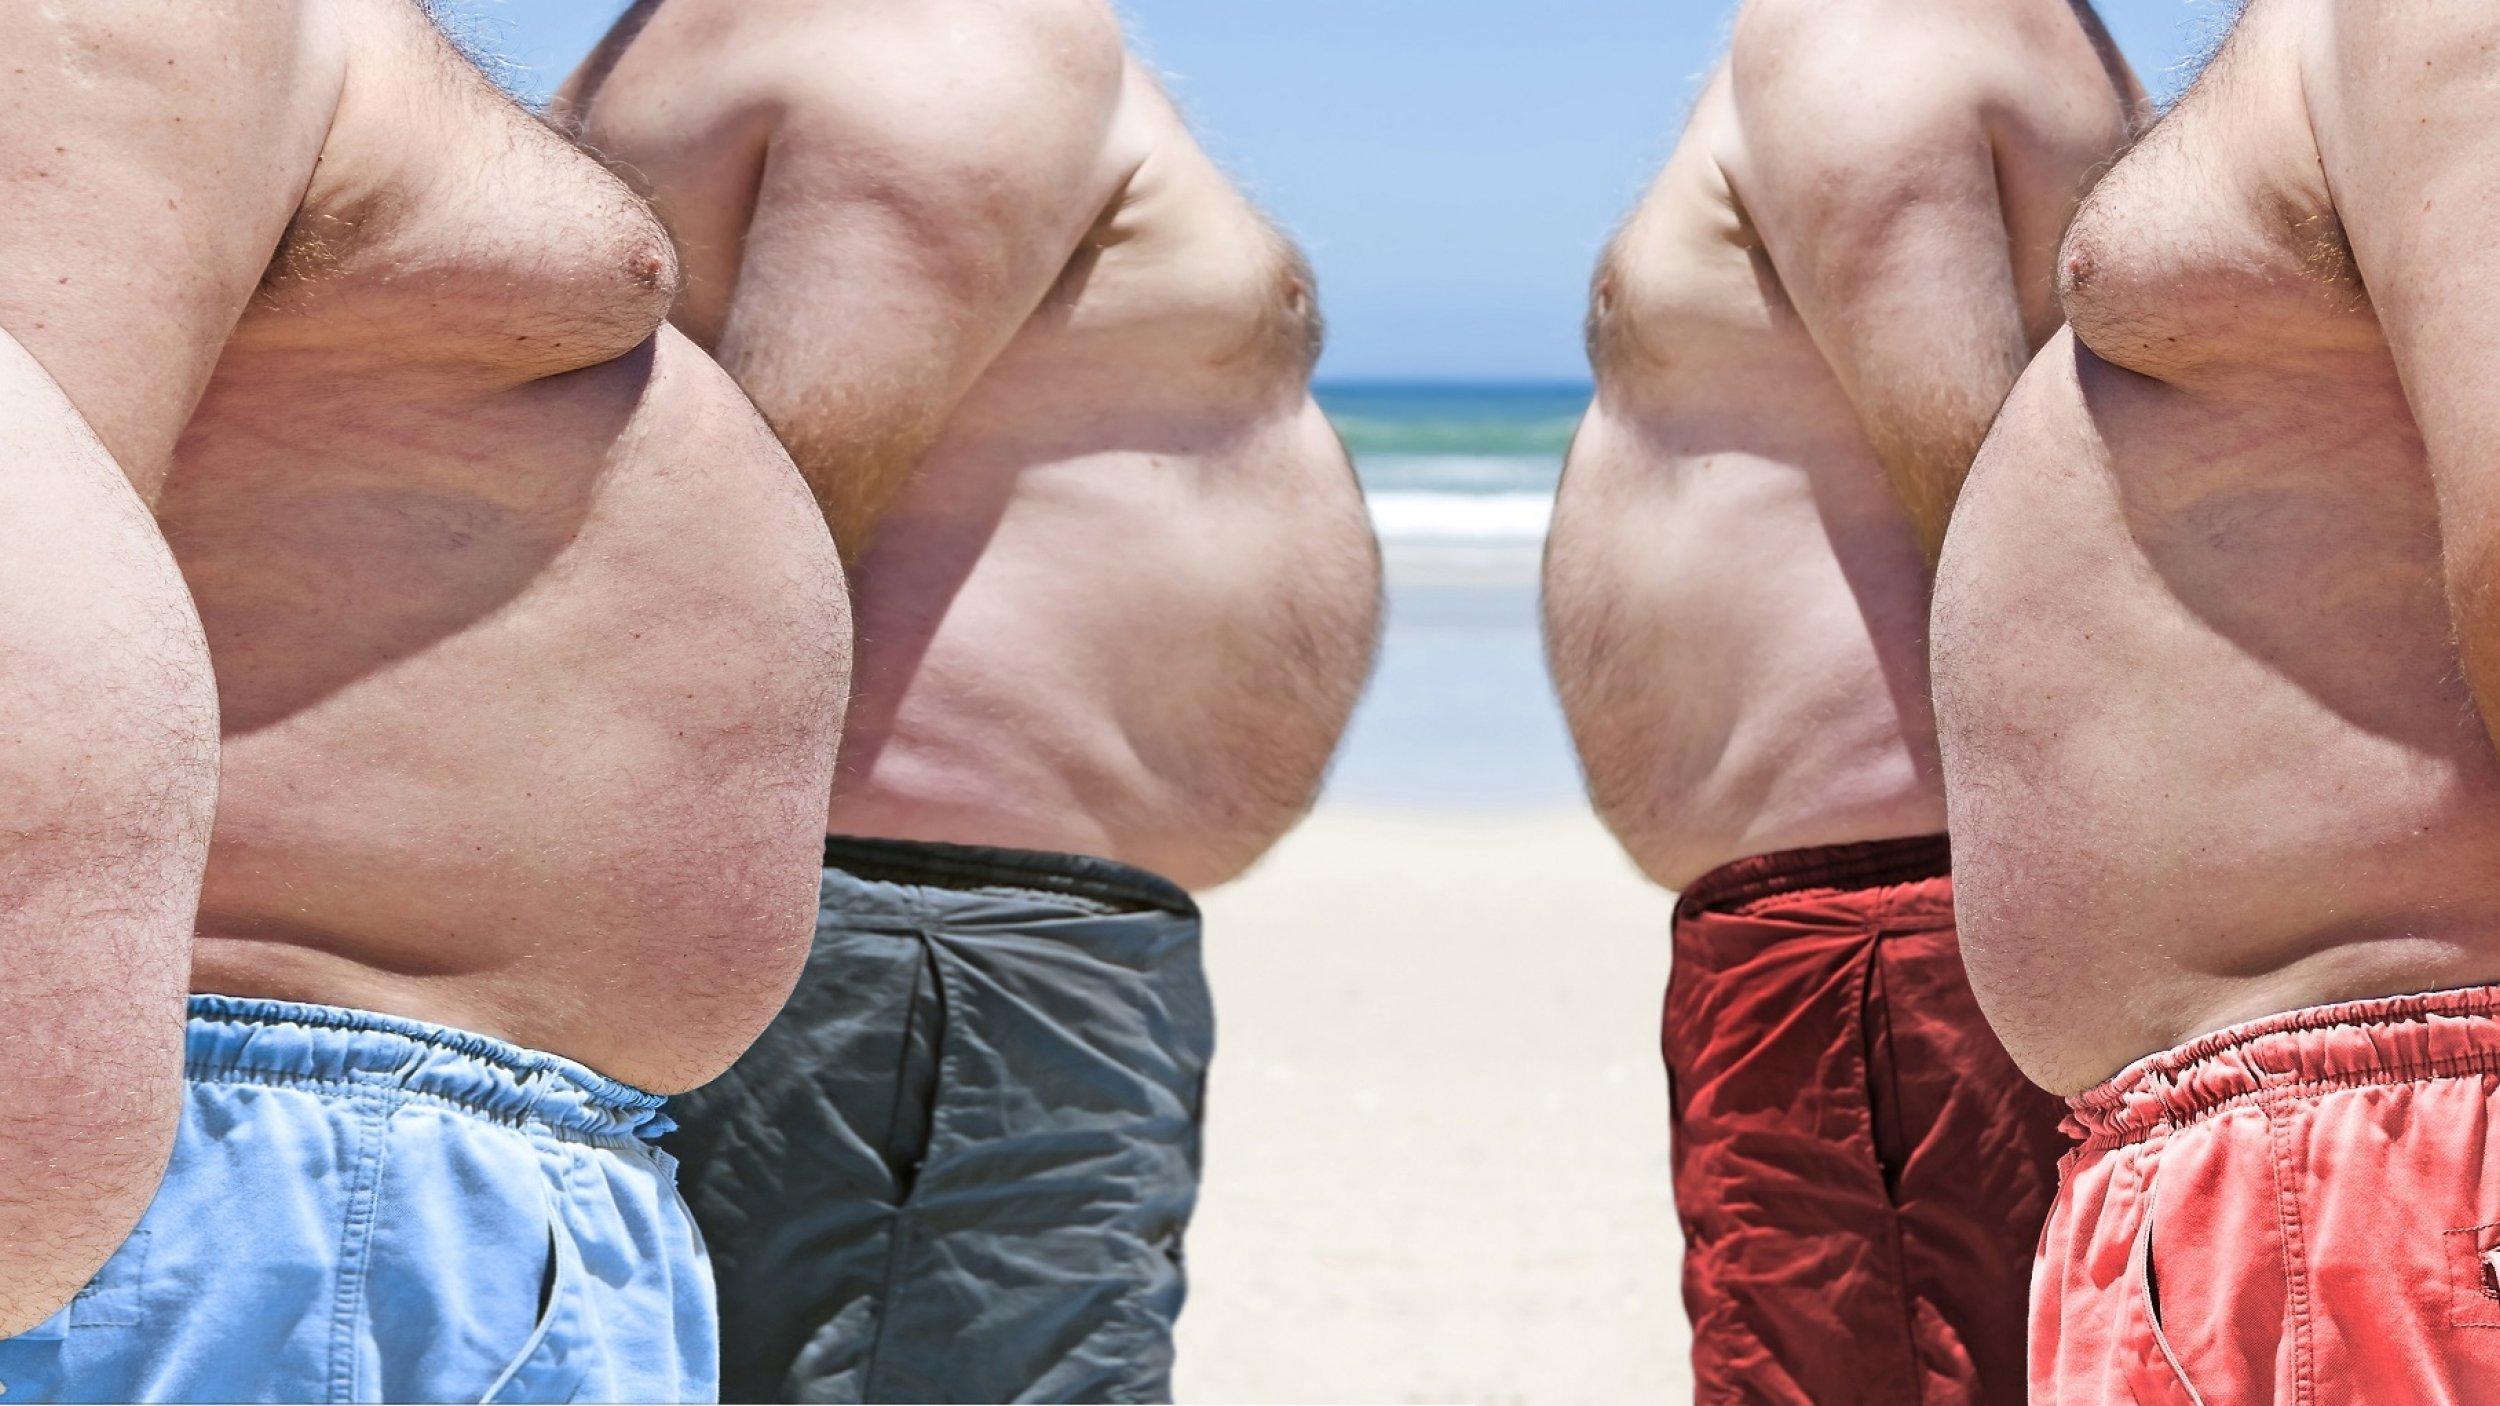 Fünf übergewichtige Männer am Strand. Es sind vor allem die auffälligen Bäuche zu sehen.